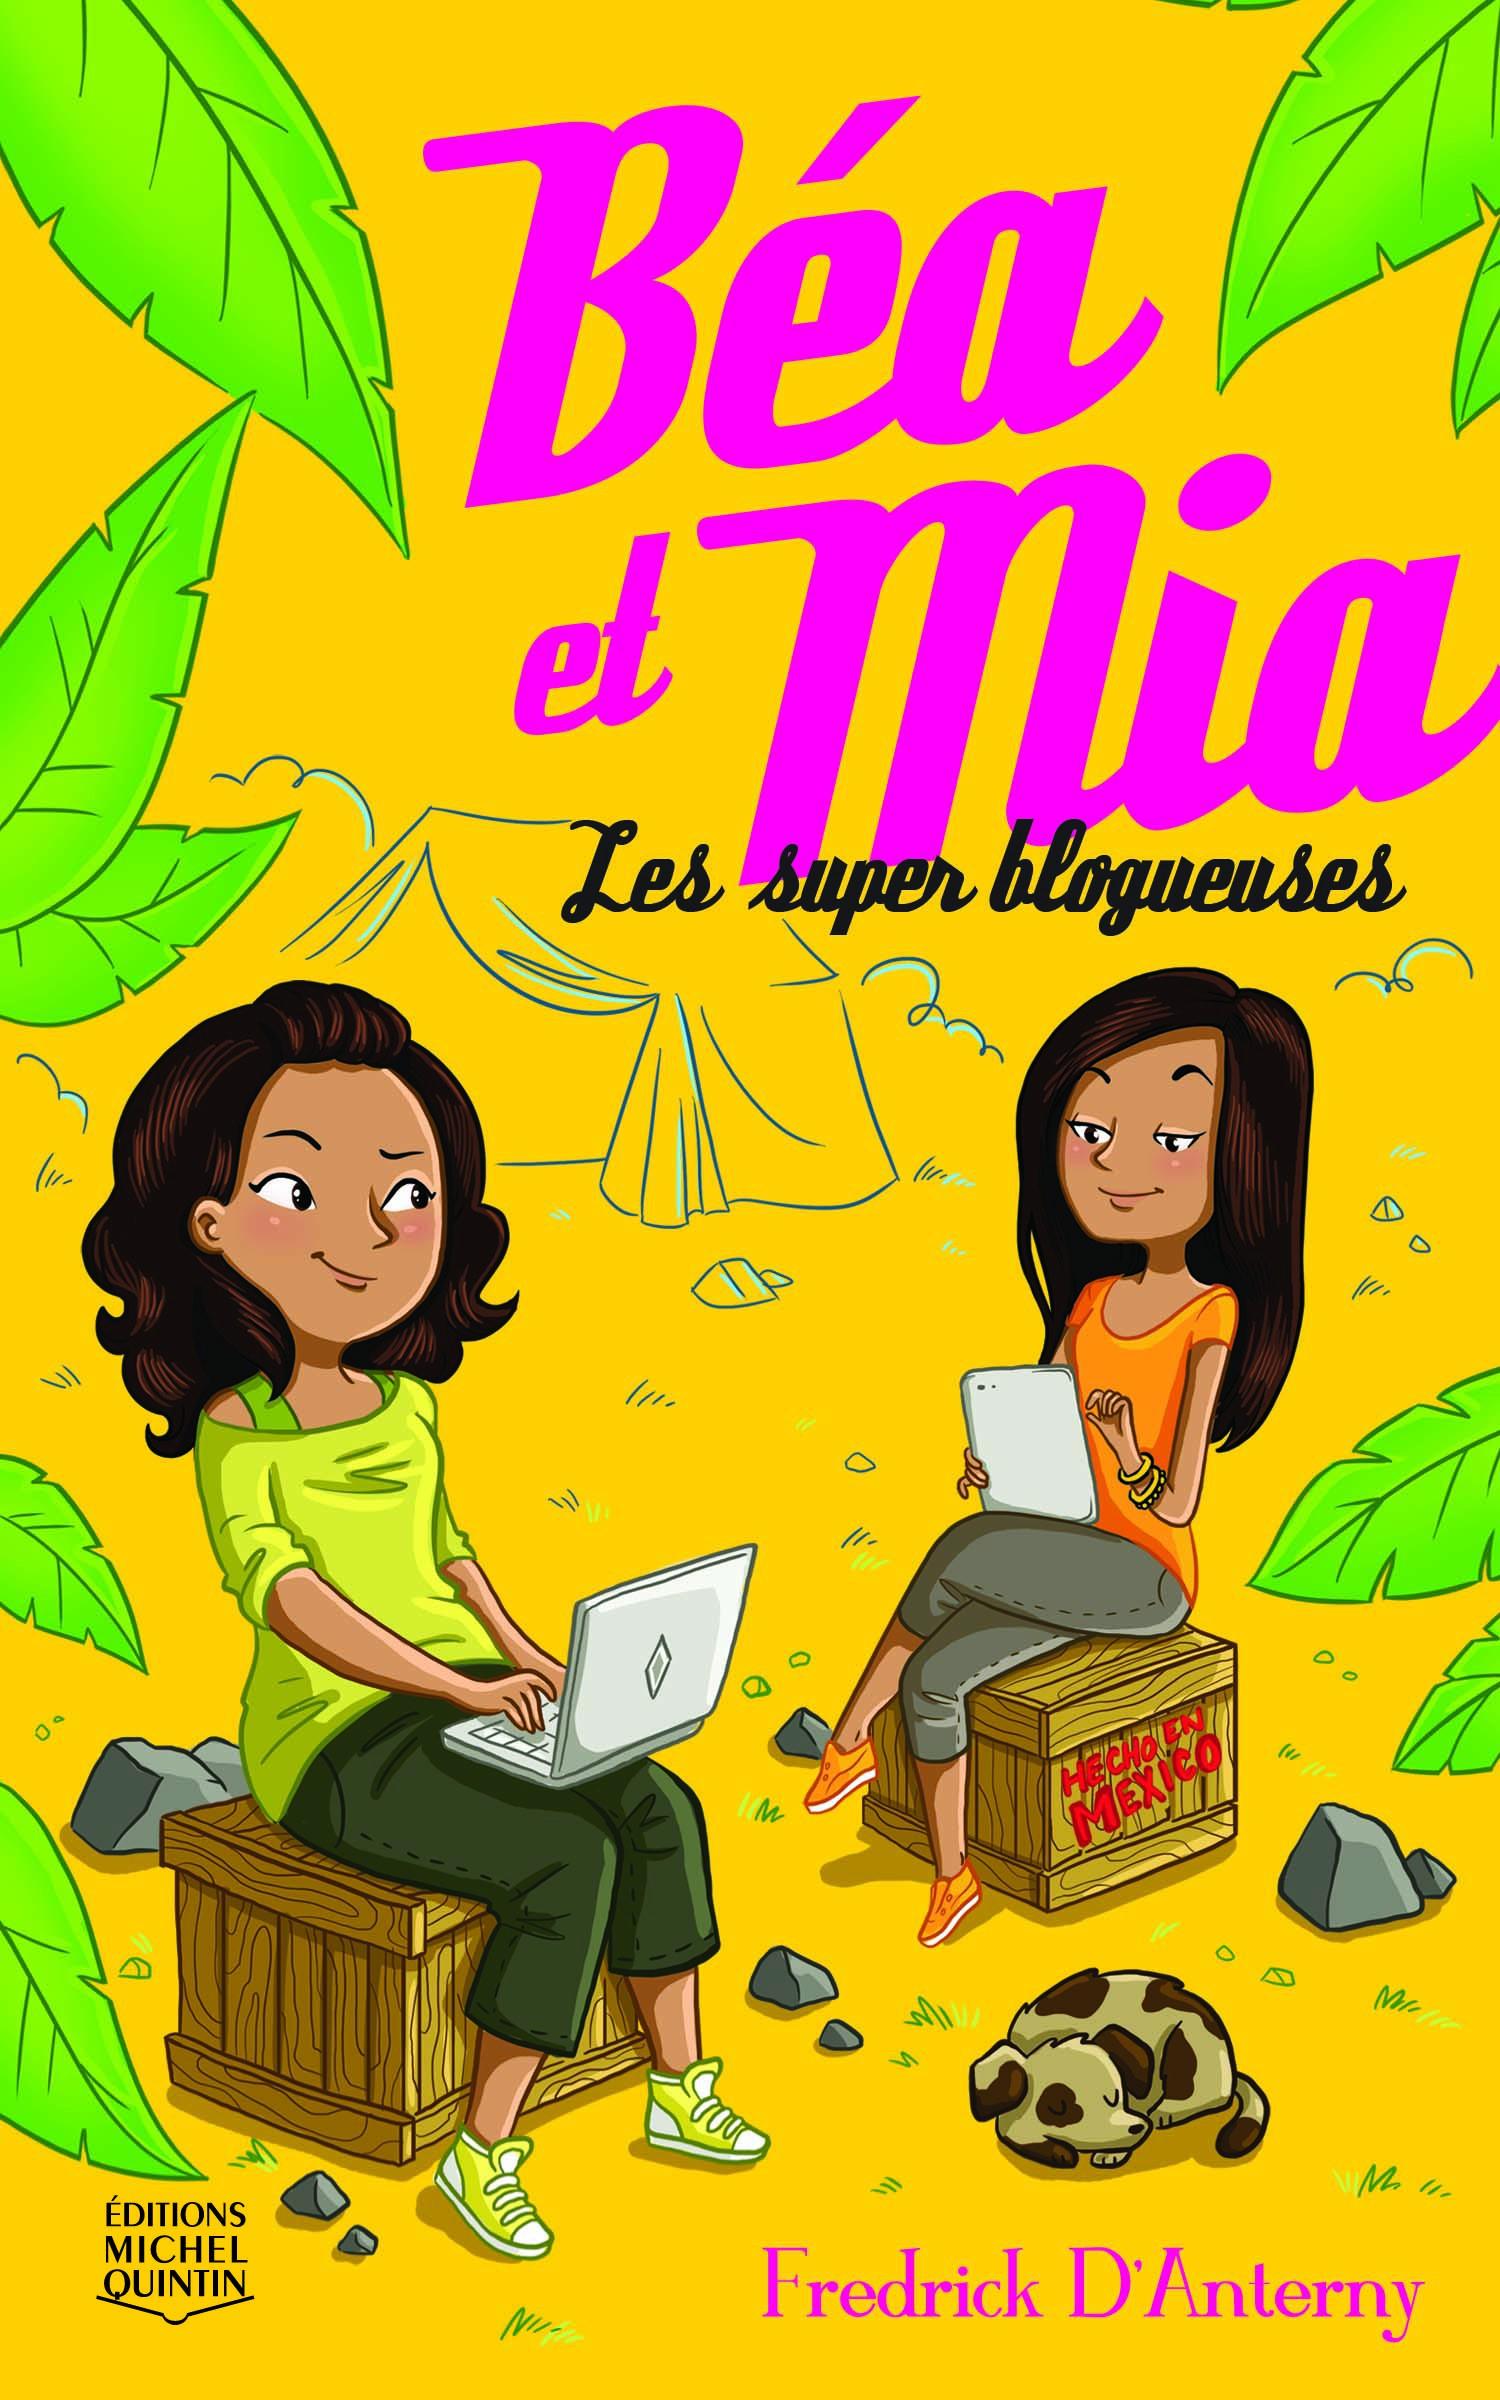 Couverture : Super blogueuses(Les) T.1: Béa et Mia Fredrick D'anterny